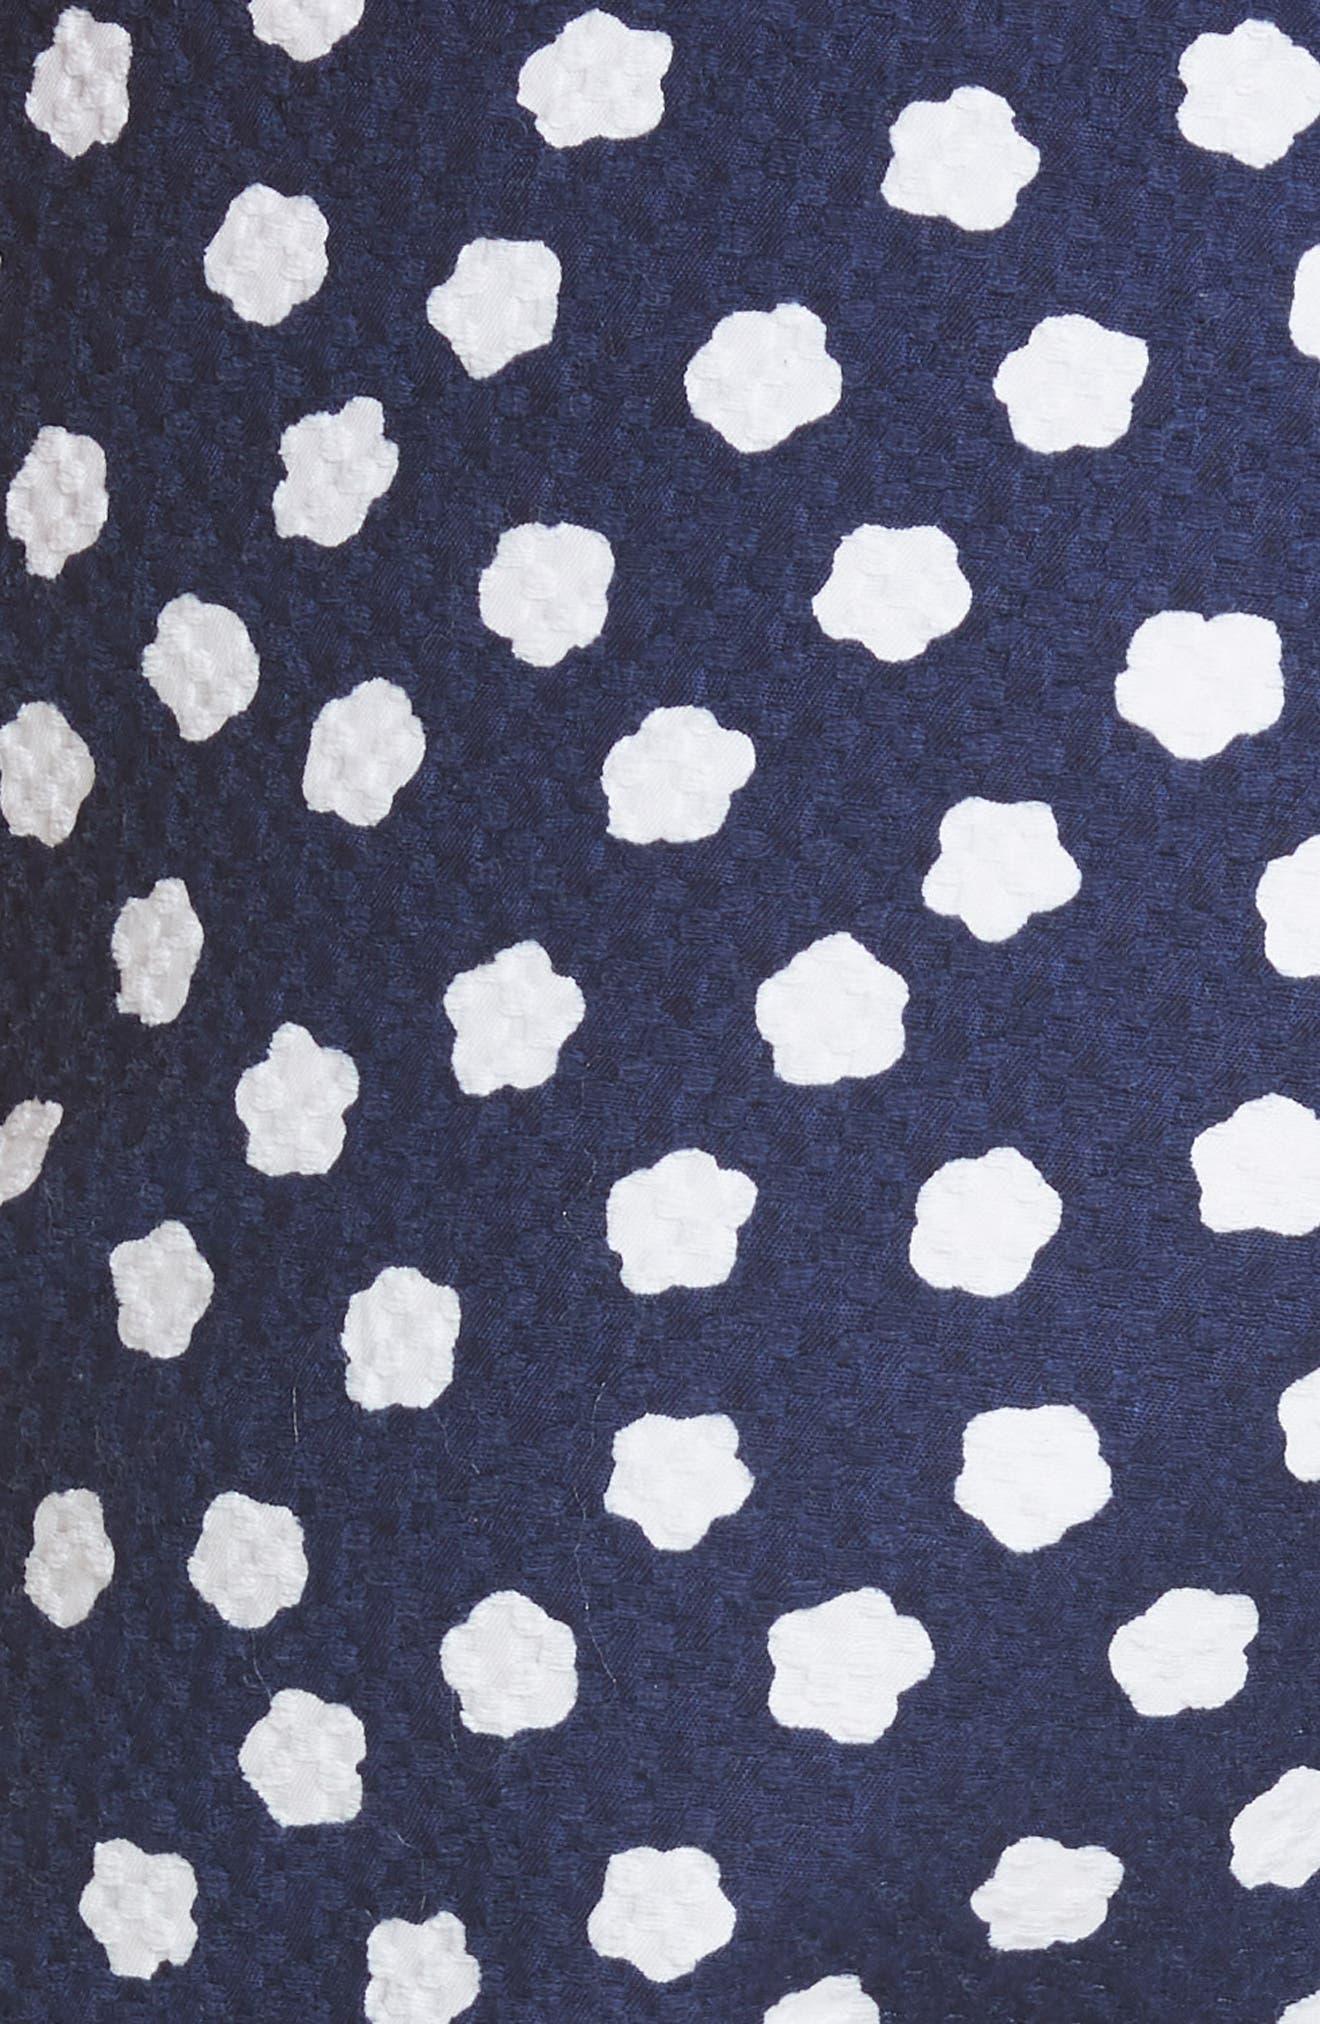 cloud print stretch cotton jacquard pants,                             Alternate thumbnail 5, color,                             483